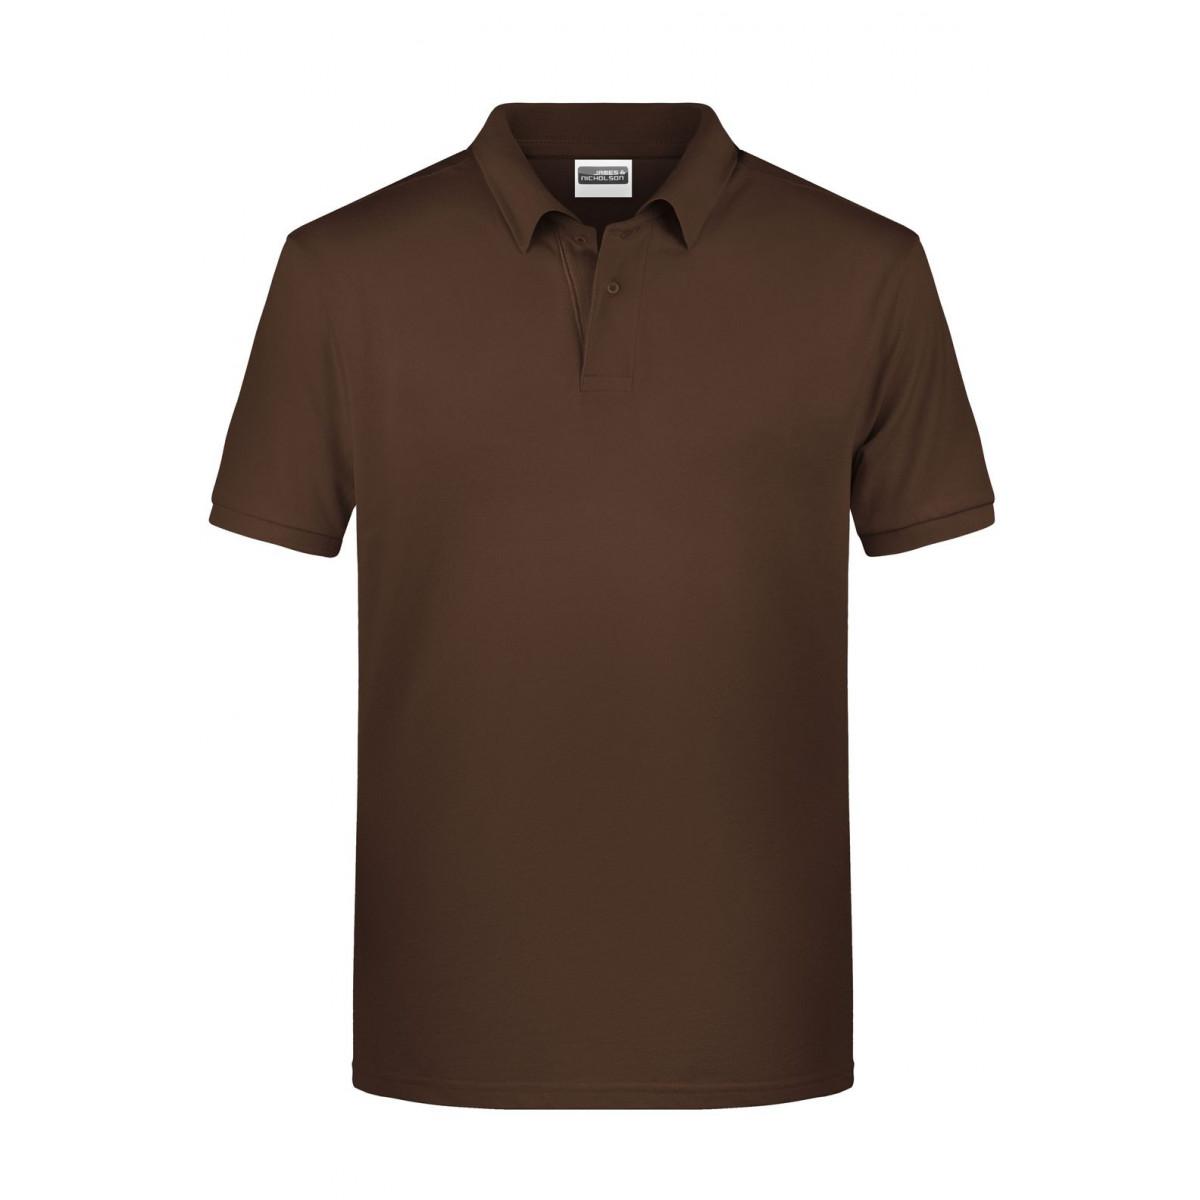 Рубашка поло мужская 8010 Mens Basic Polo - Коричневый